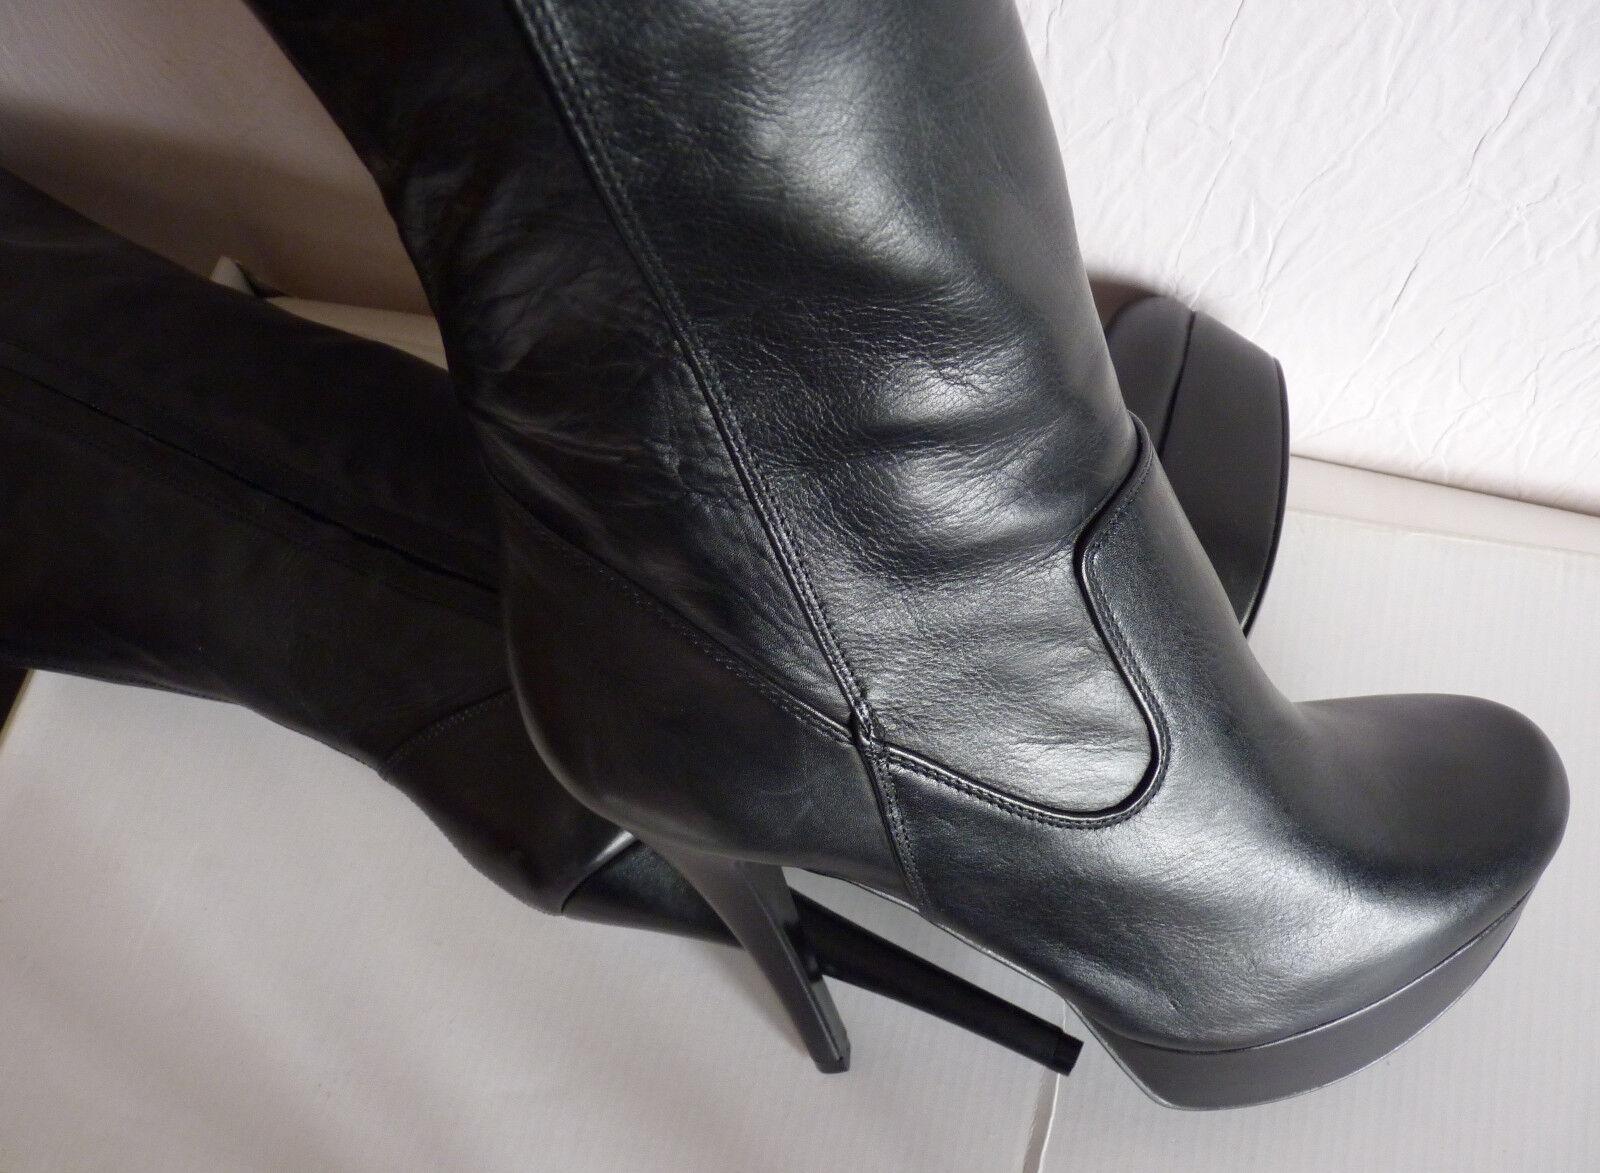 Sexy - class bottes ALDO cuir noir T. 40 Neuves - 65 euros au lieu de 165 euros